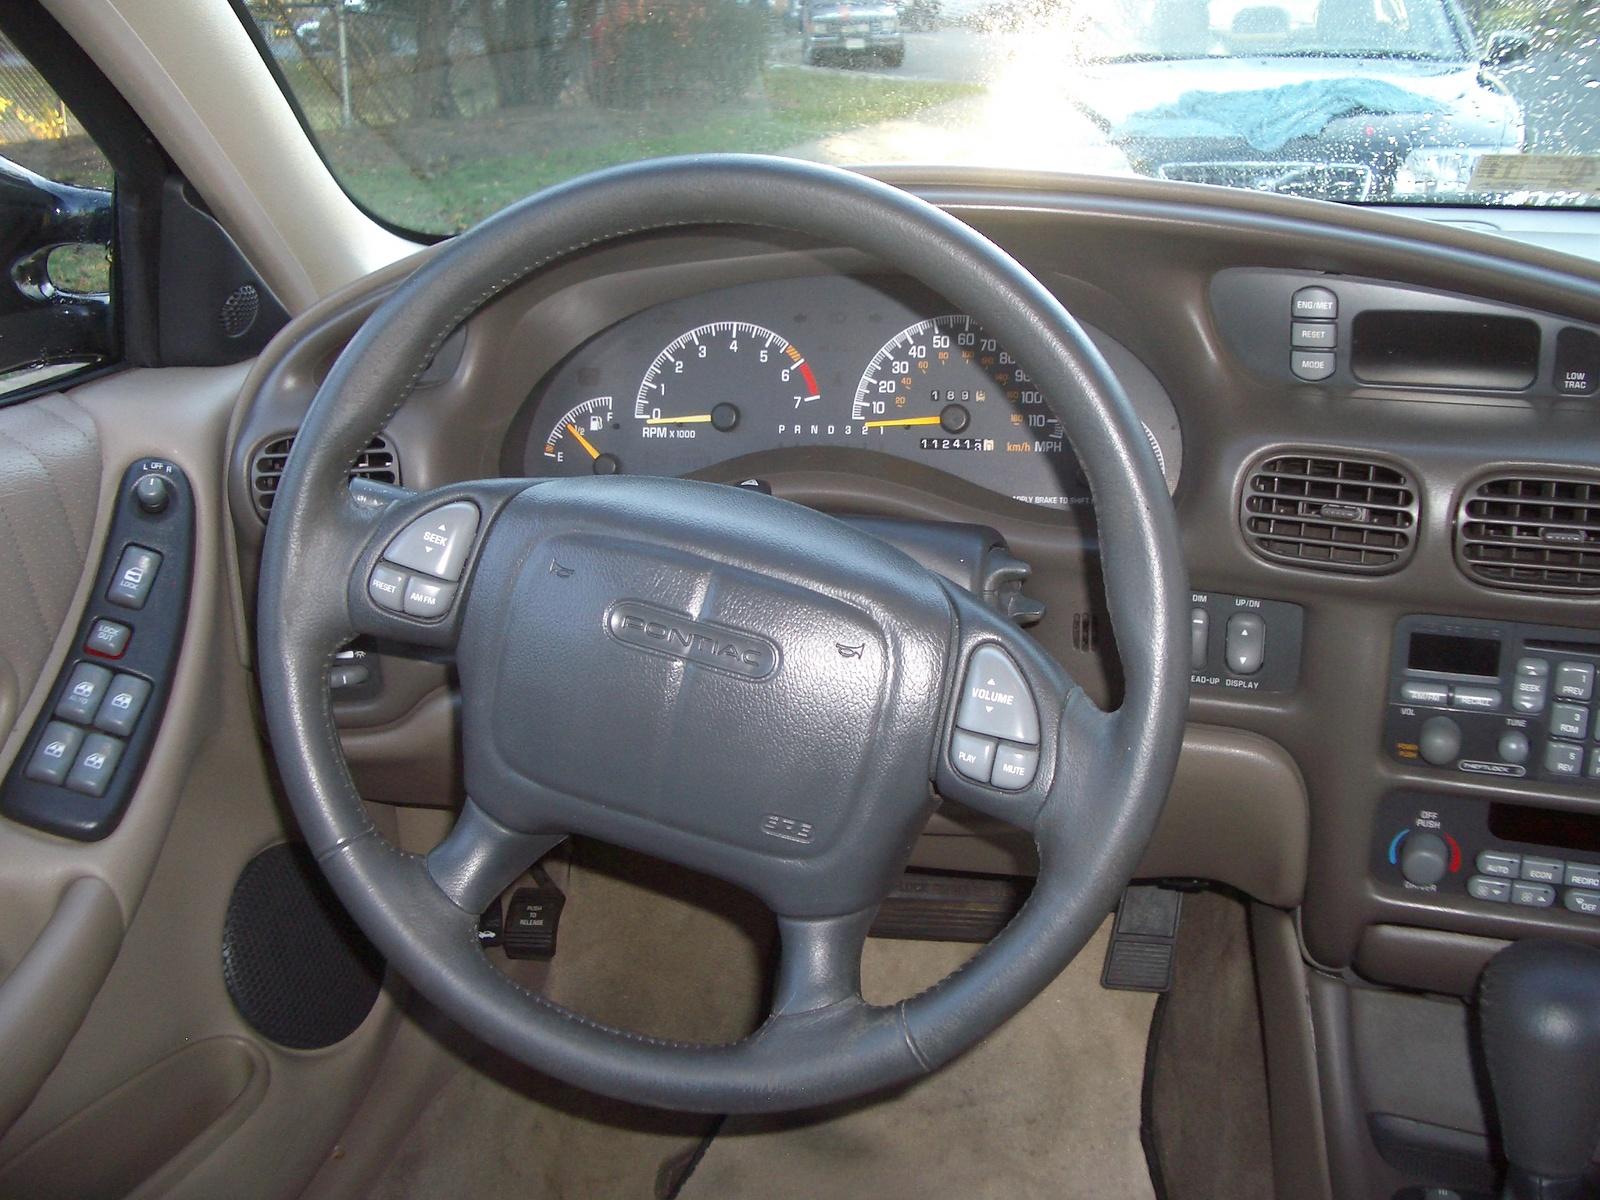 1998 Pontiac Grand Am Gt Interior